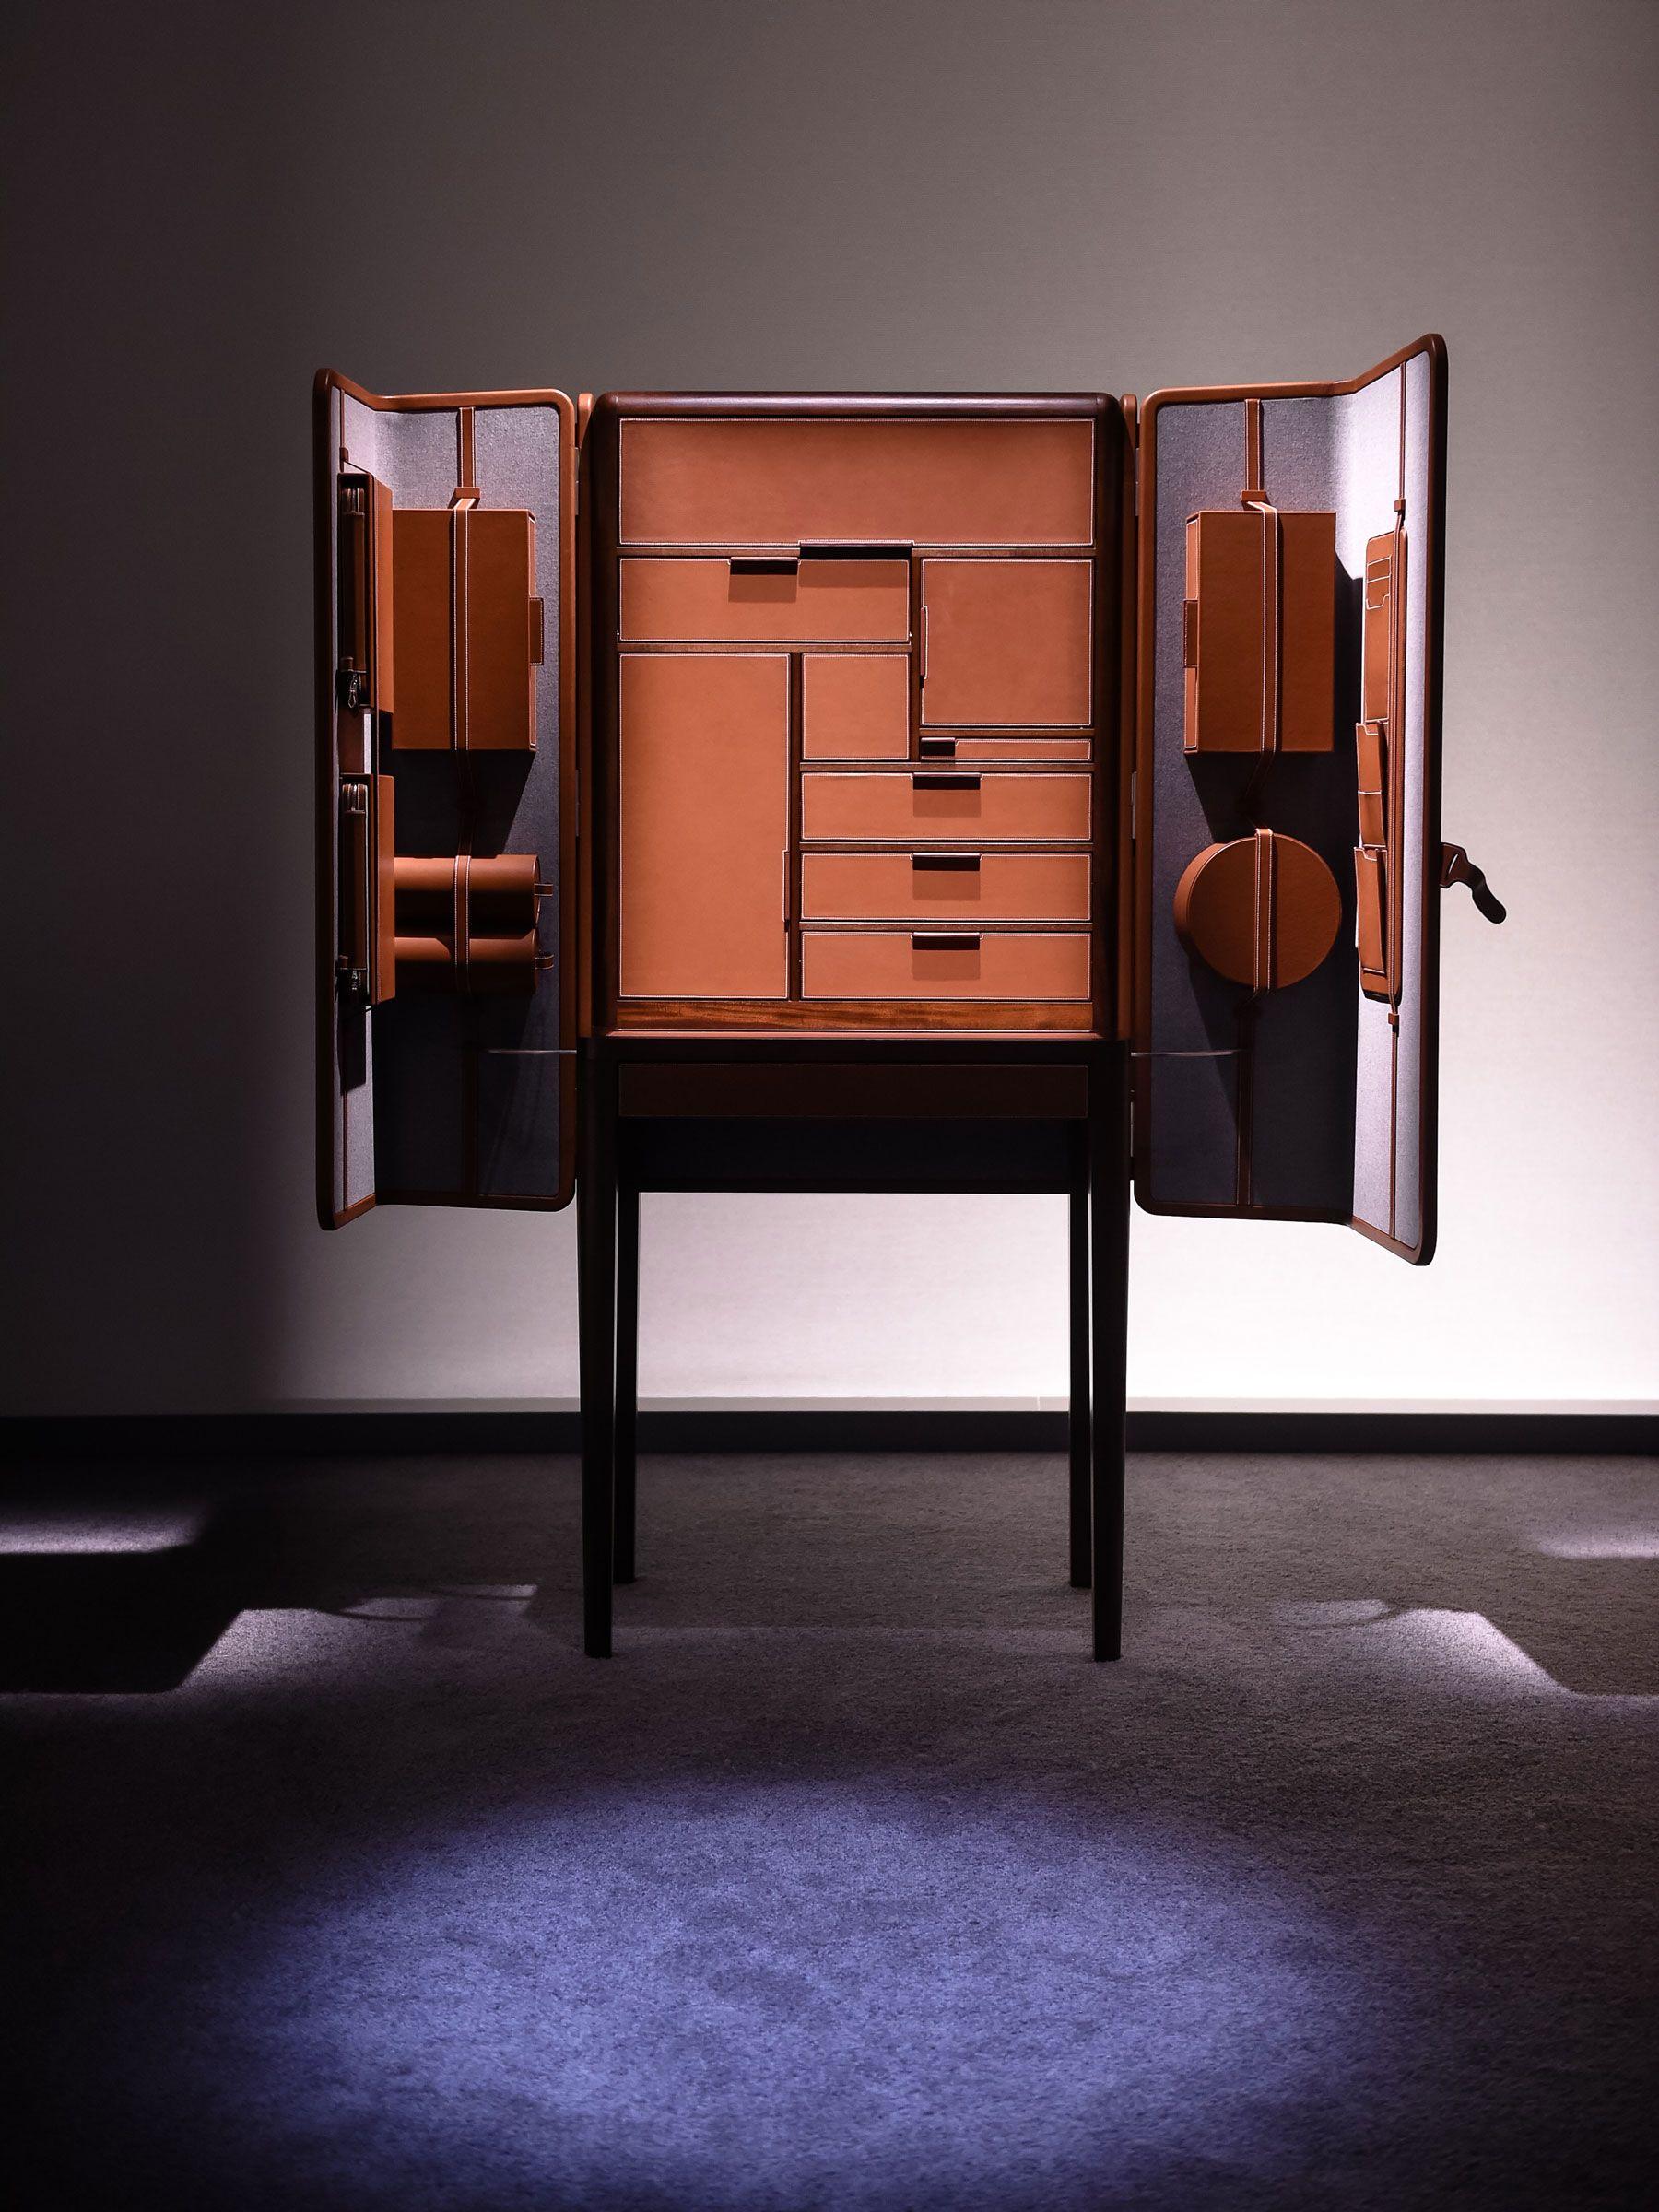 Armario Limpieza Metalico ~ hermes presents here elsewhere installation 10 Marcenaria, Criaç u00e3o e Móveis